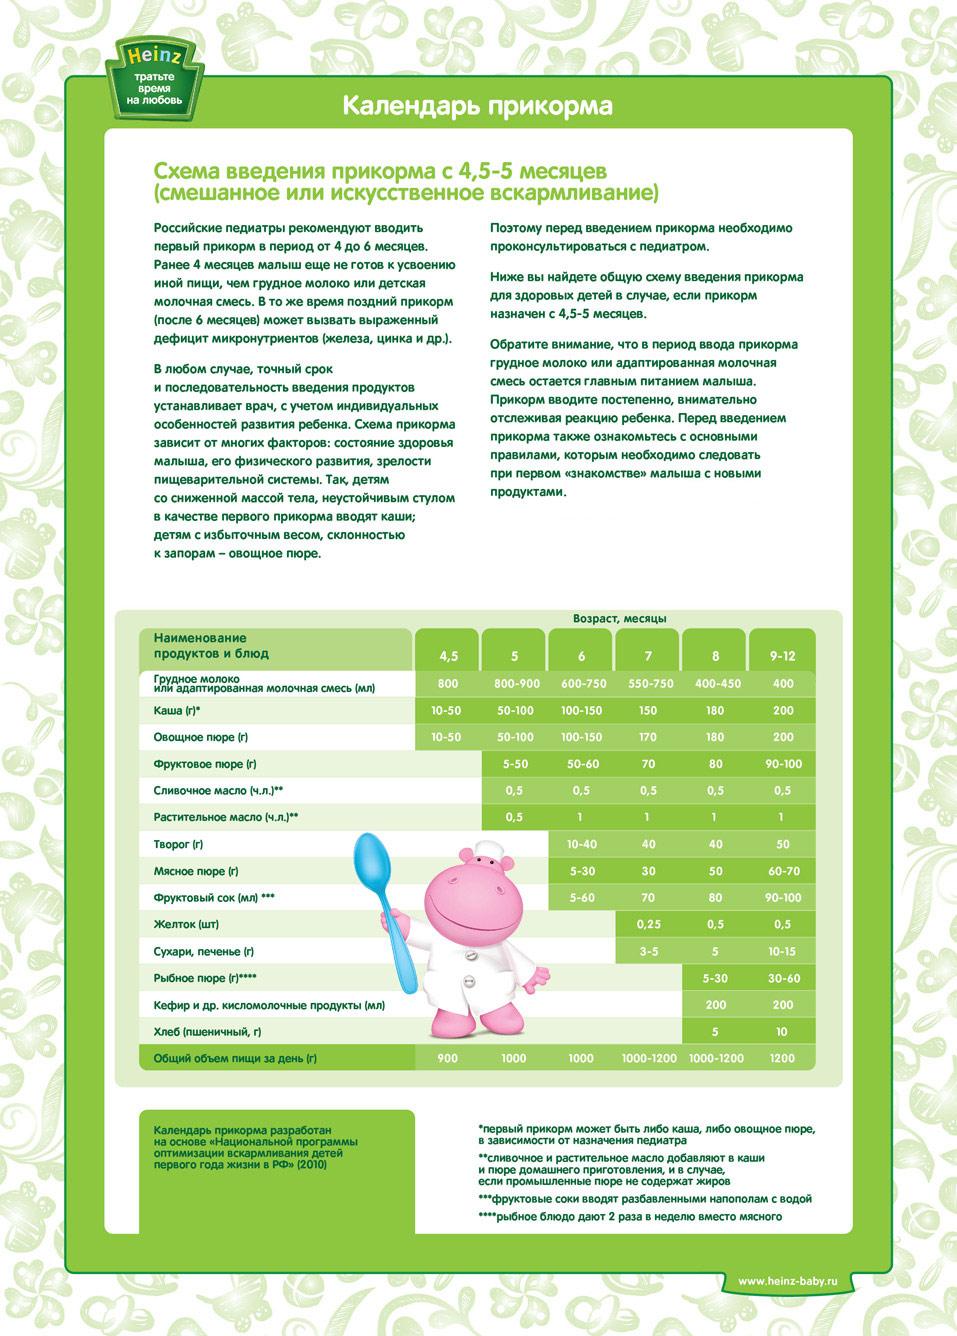 схема введения прикорма с 4-5 месяцев искусственное или смешанное вскармливание